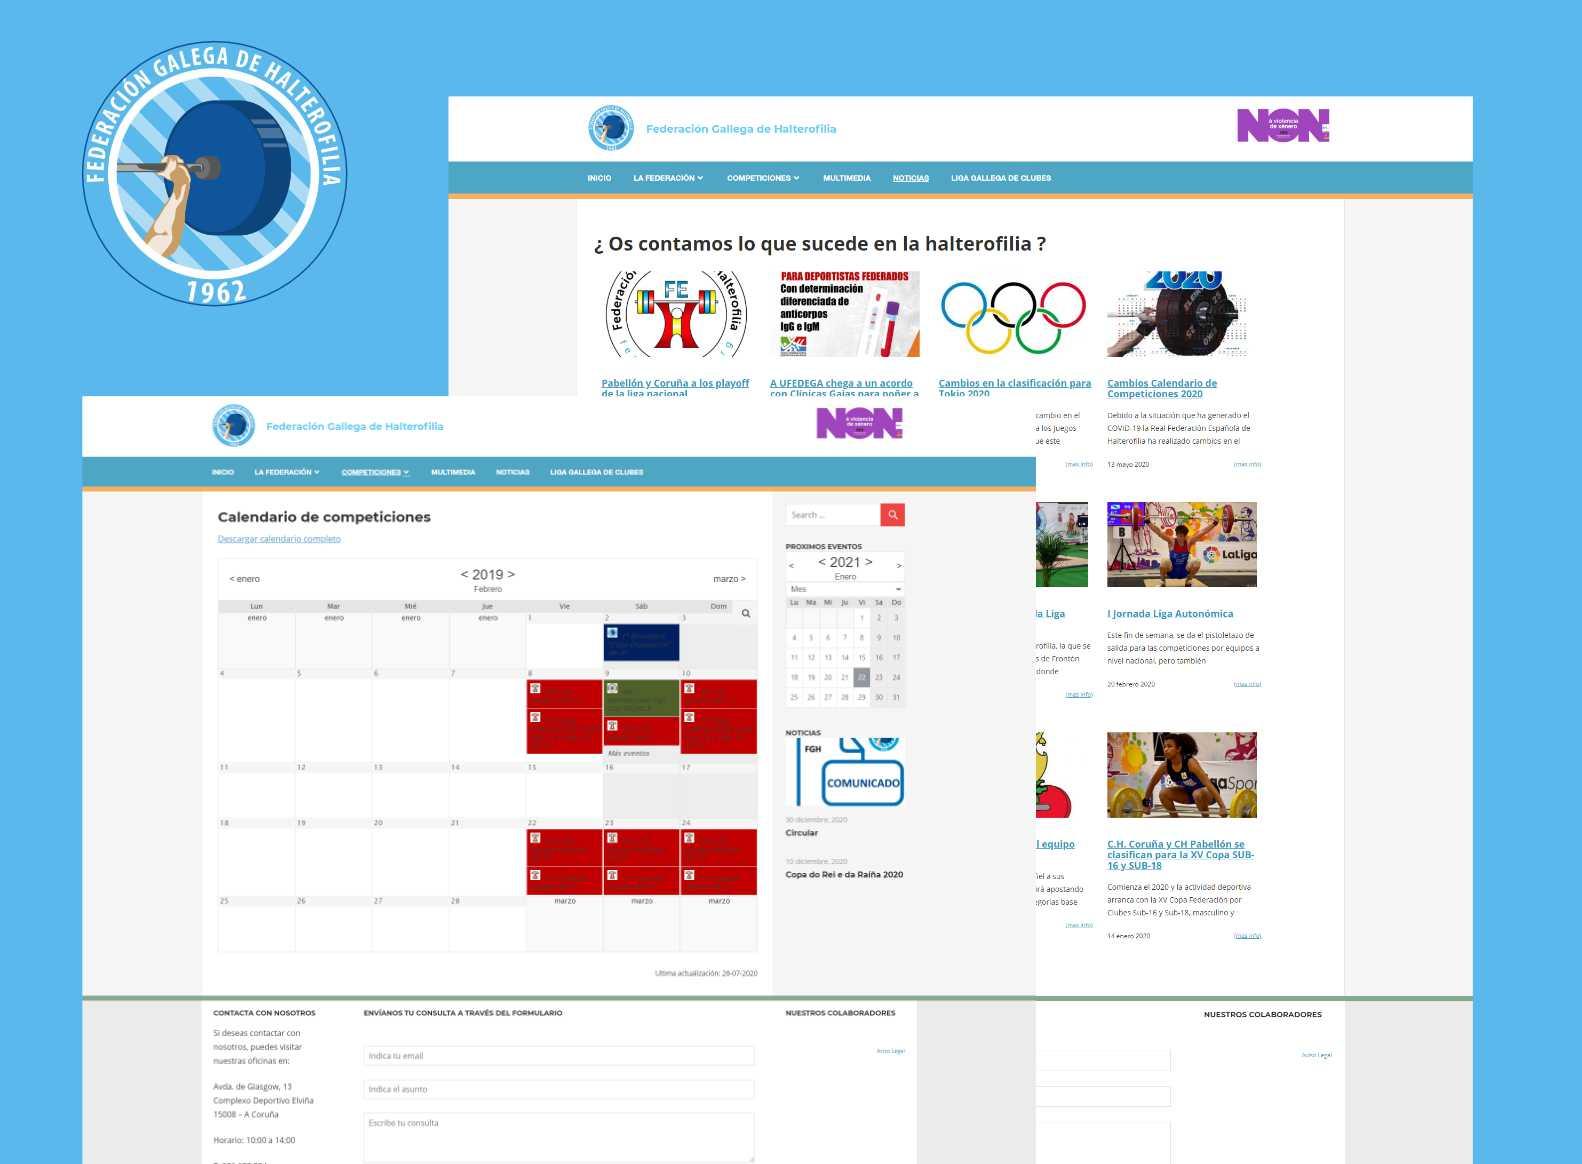 página_web_federacion_gallega_de_halterofilia